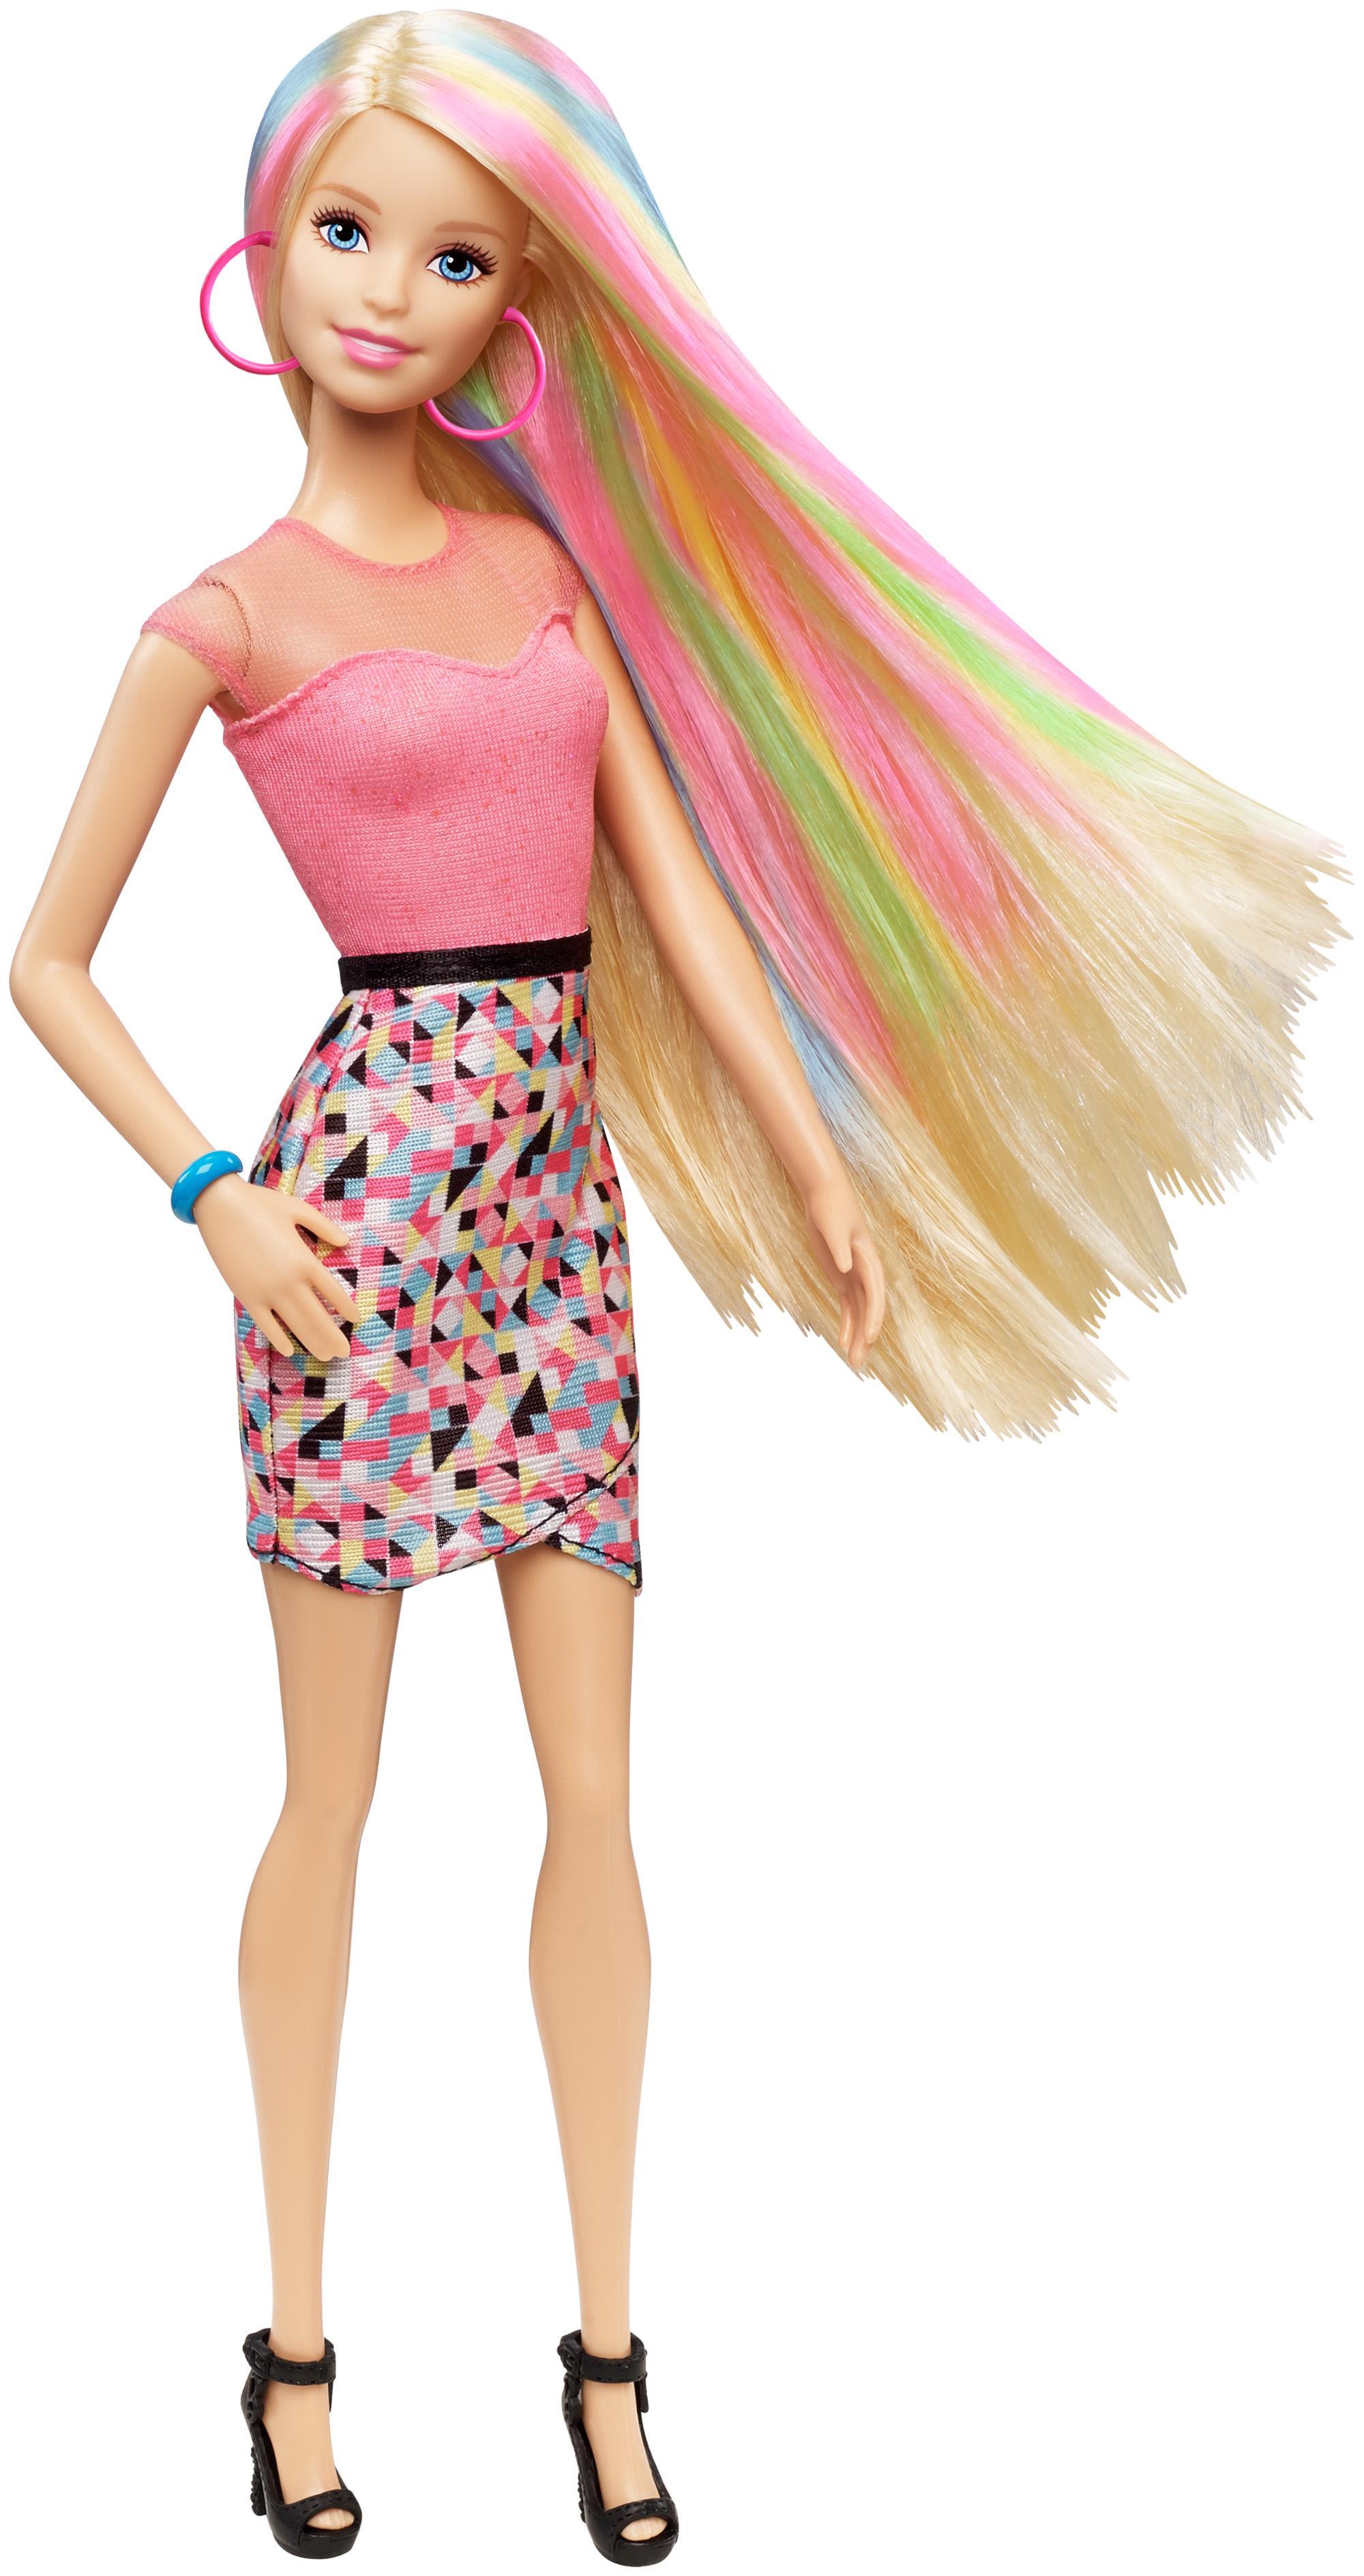 Amazon.com: Barbie Rainbow Hair Doll: Toys & Games